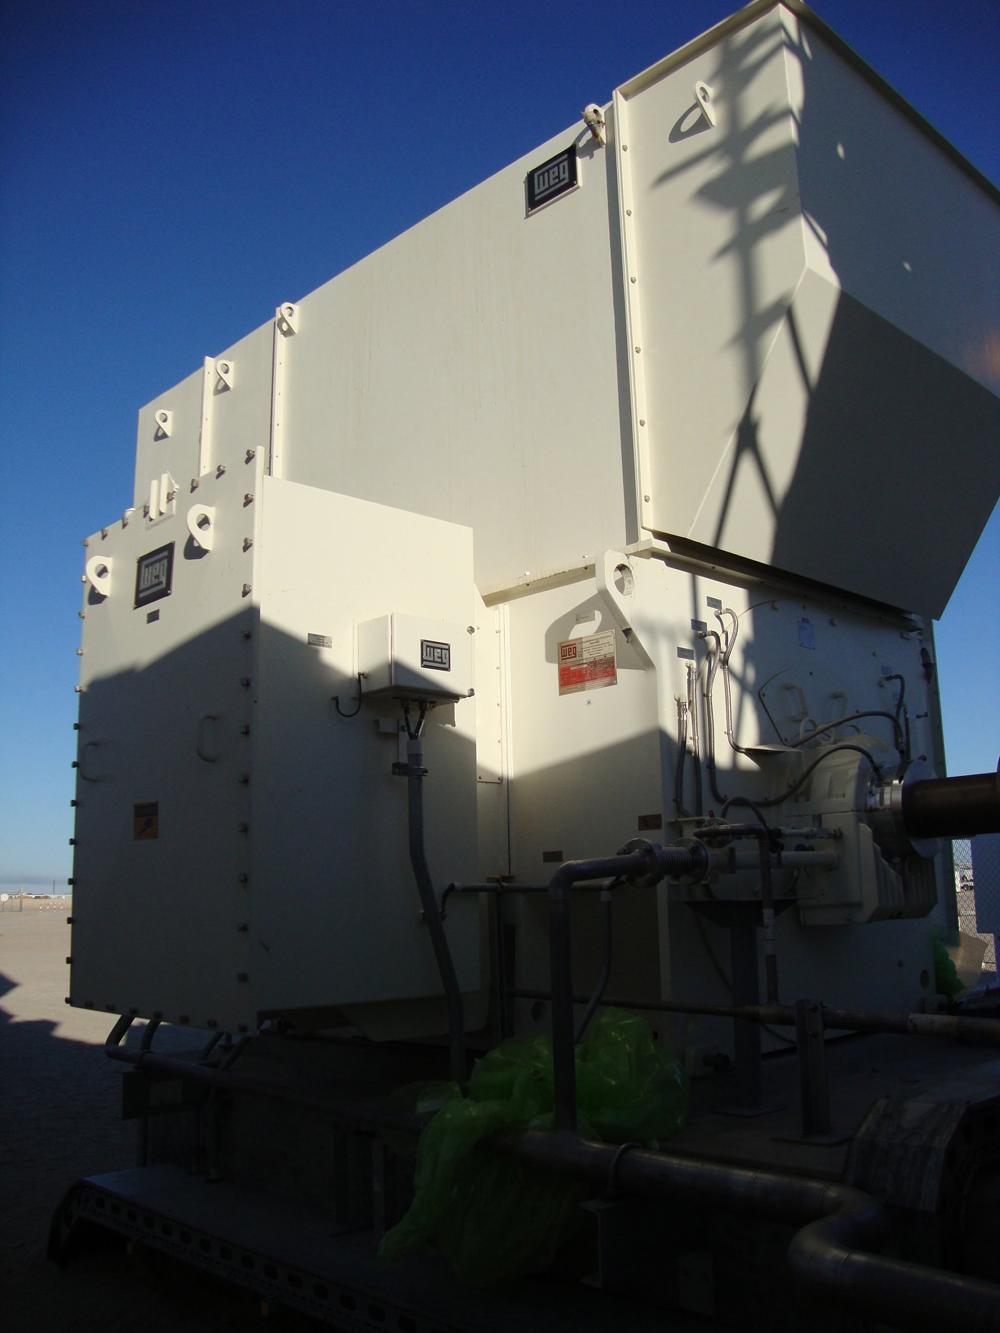 Brute power: the WEG generator in Nakhla has a capacity of 10.2 MVA and weights around 36 tonnes. Source: WEG